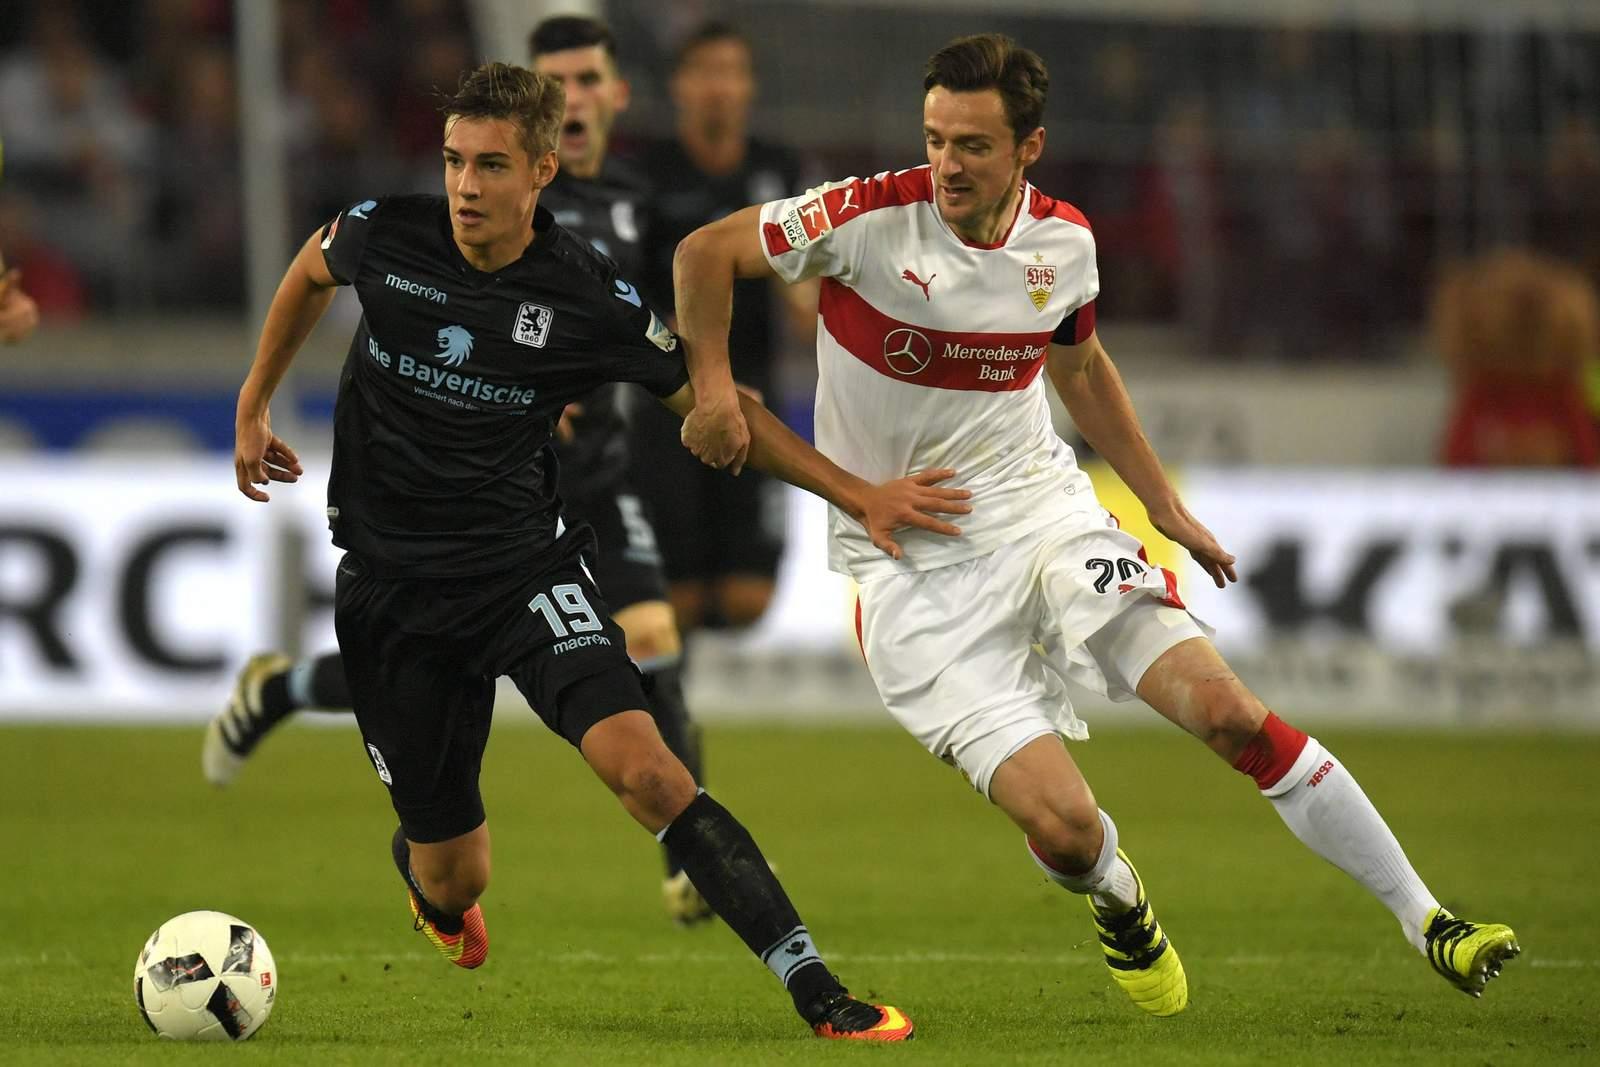 Christian Gentner verfolgt Florian Neuhaus. Jetzt auf 1860 München gegen VfB Stuttgart wetten!